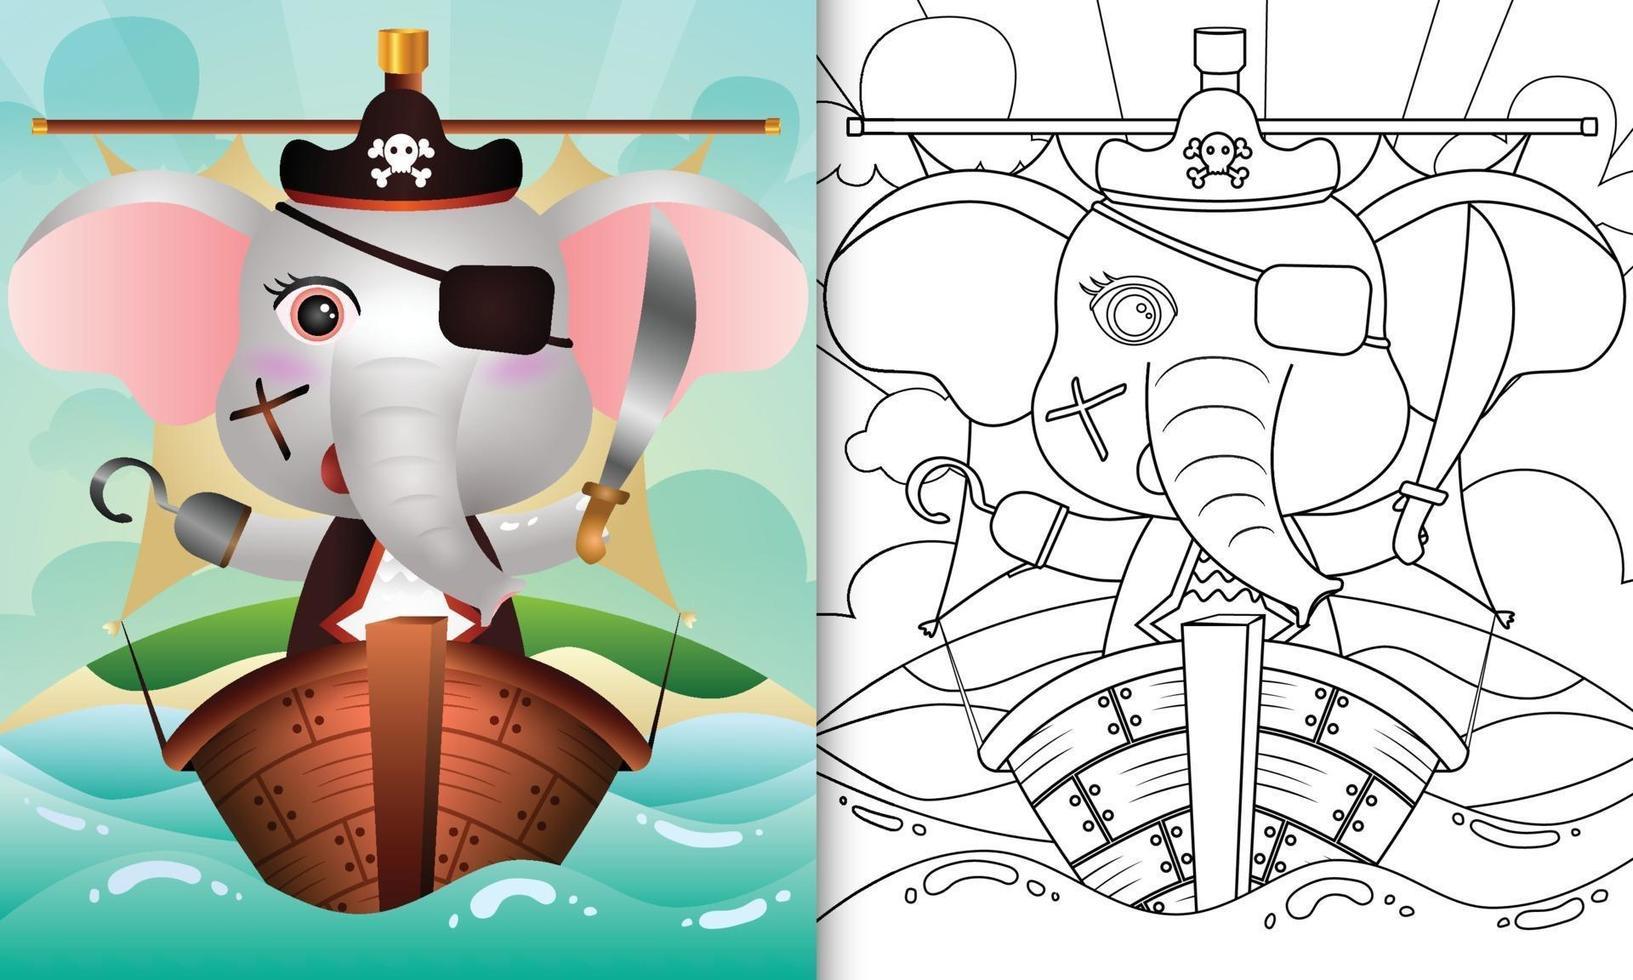 libro da colorare per bambini con un simpatico elefante pirata illustrazione del personaggio vettore